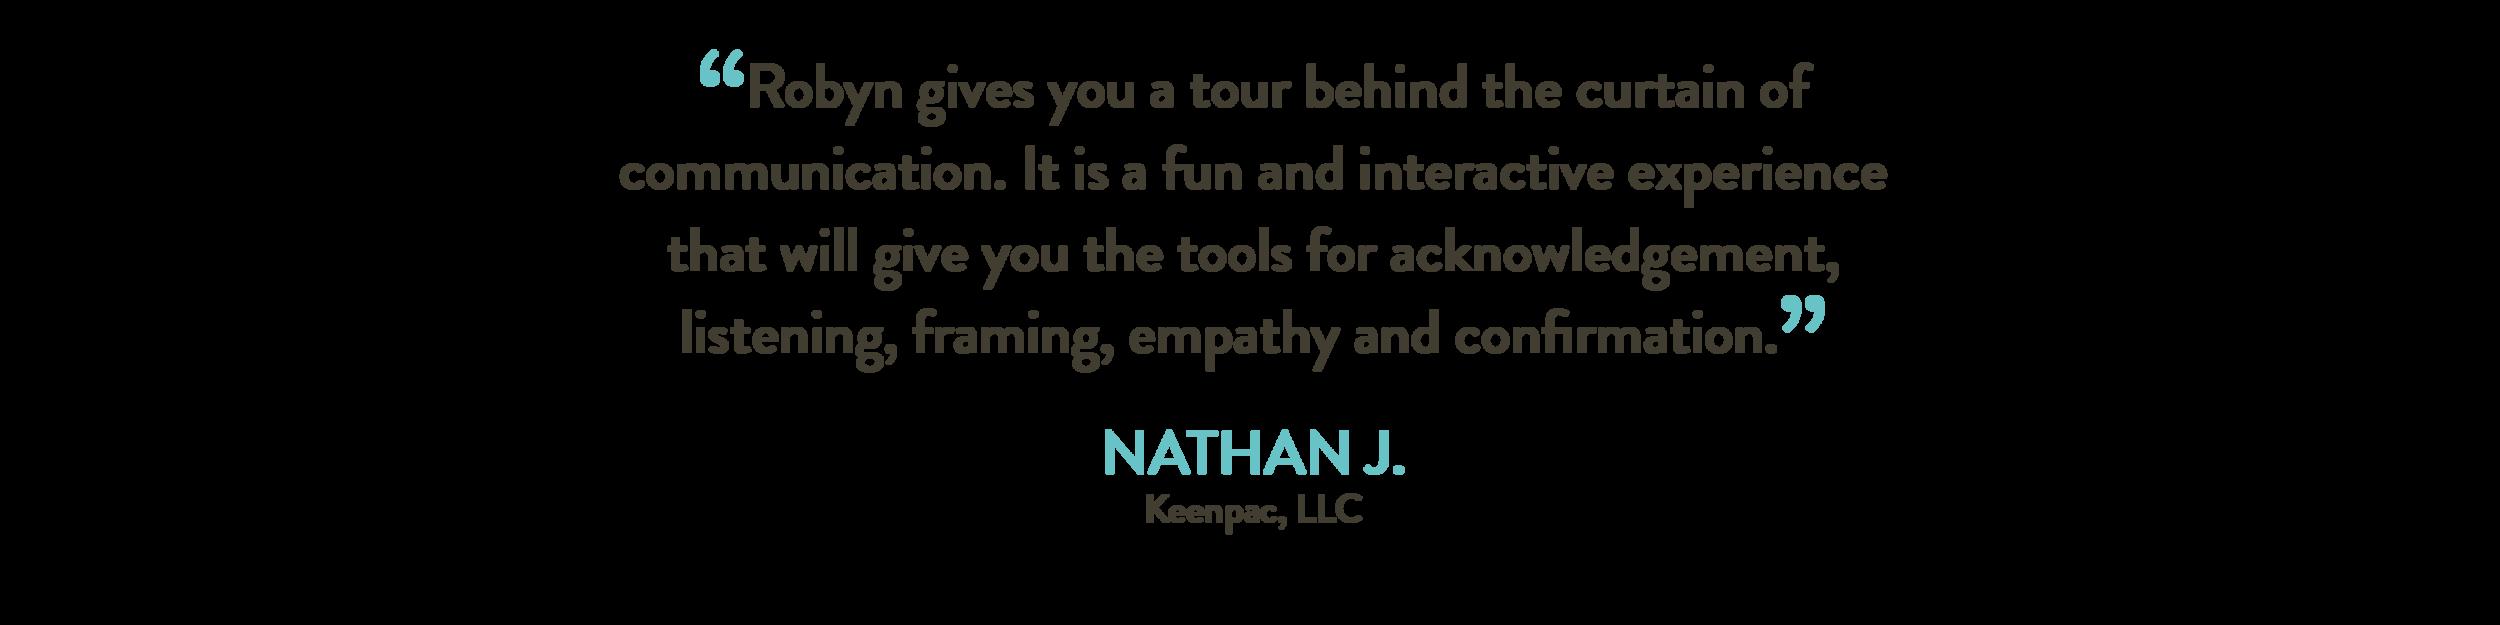 RLS_Testimonials_Speaker_Nathan.png